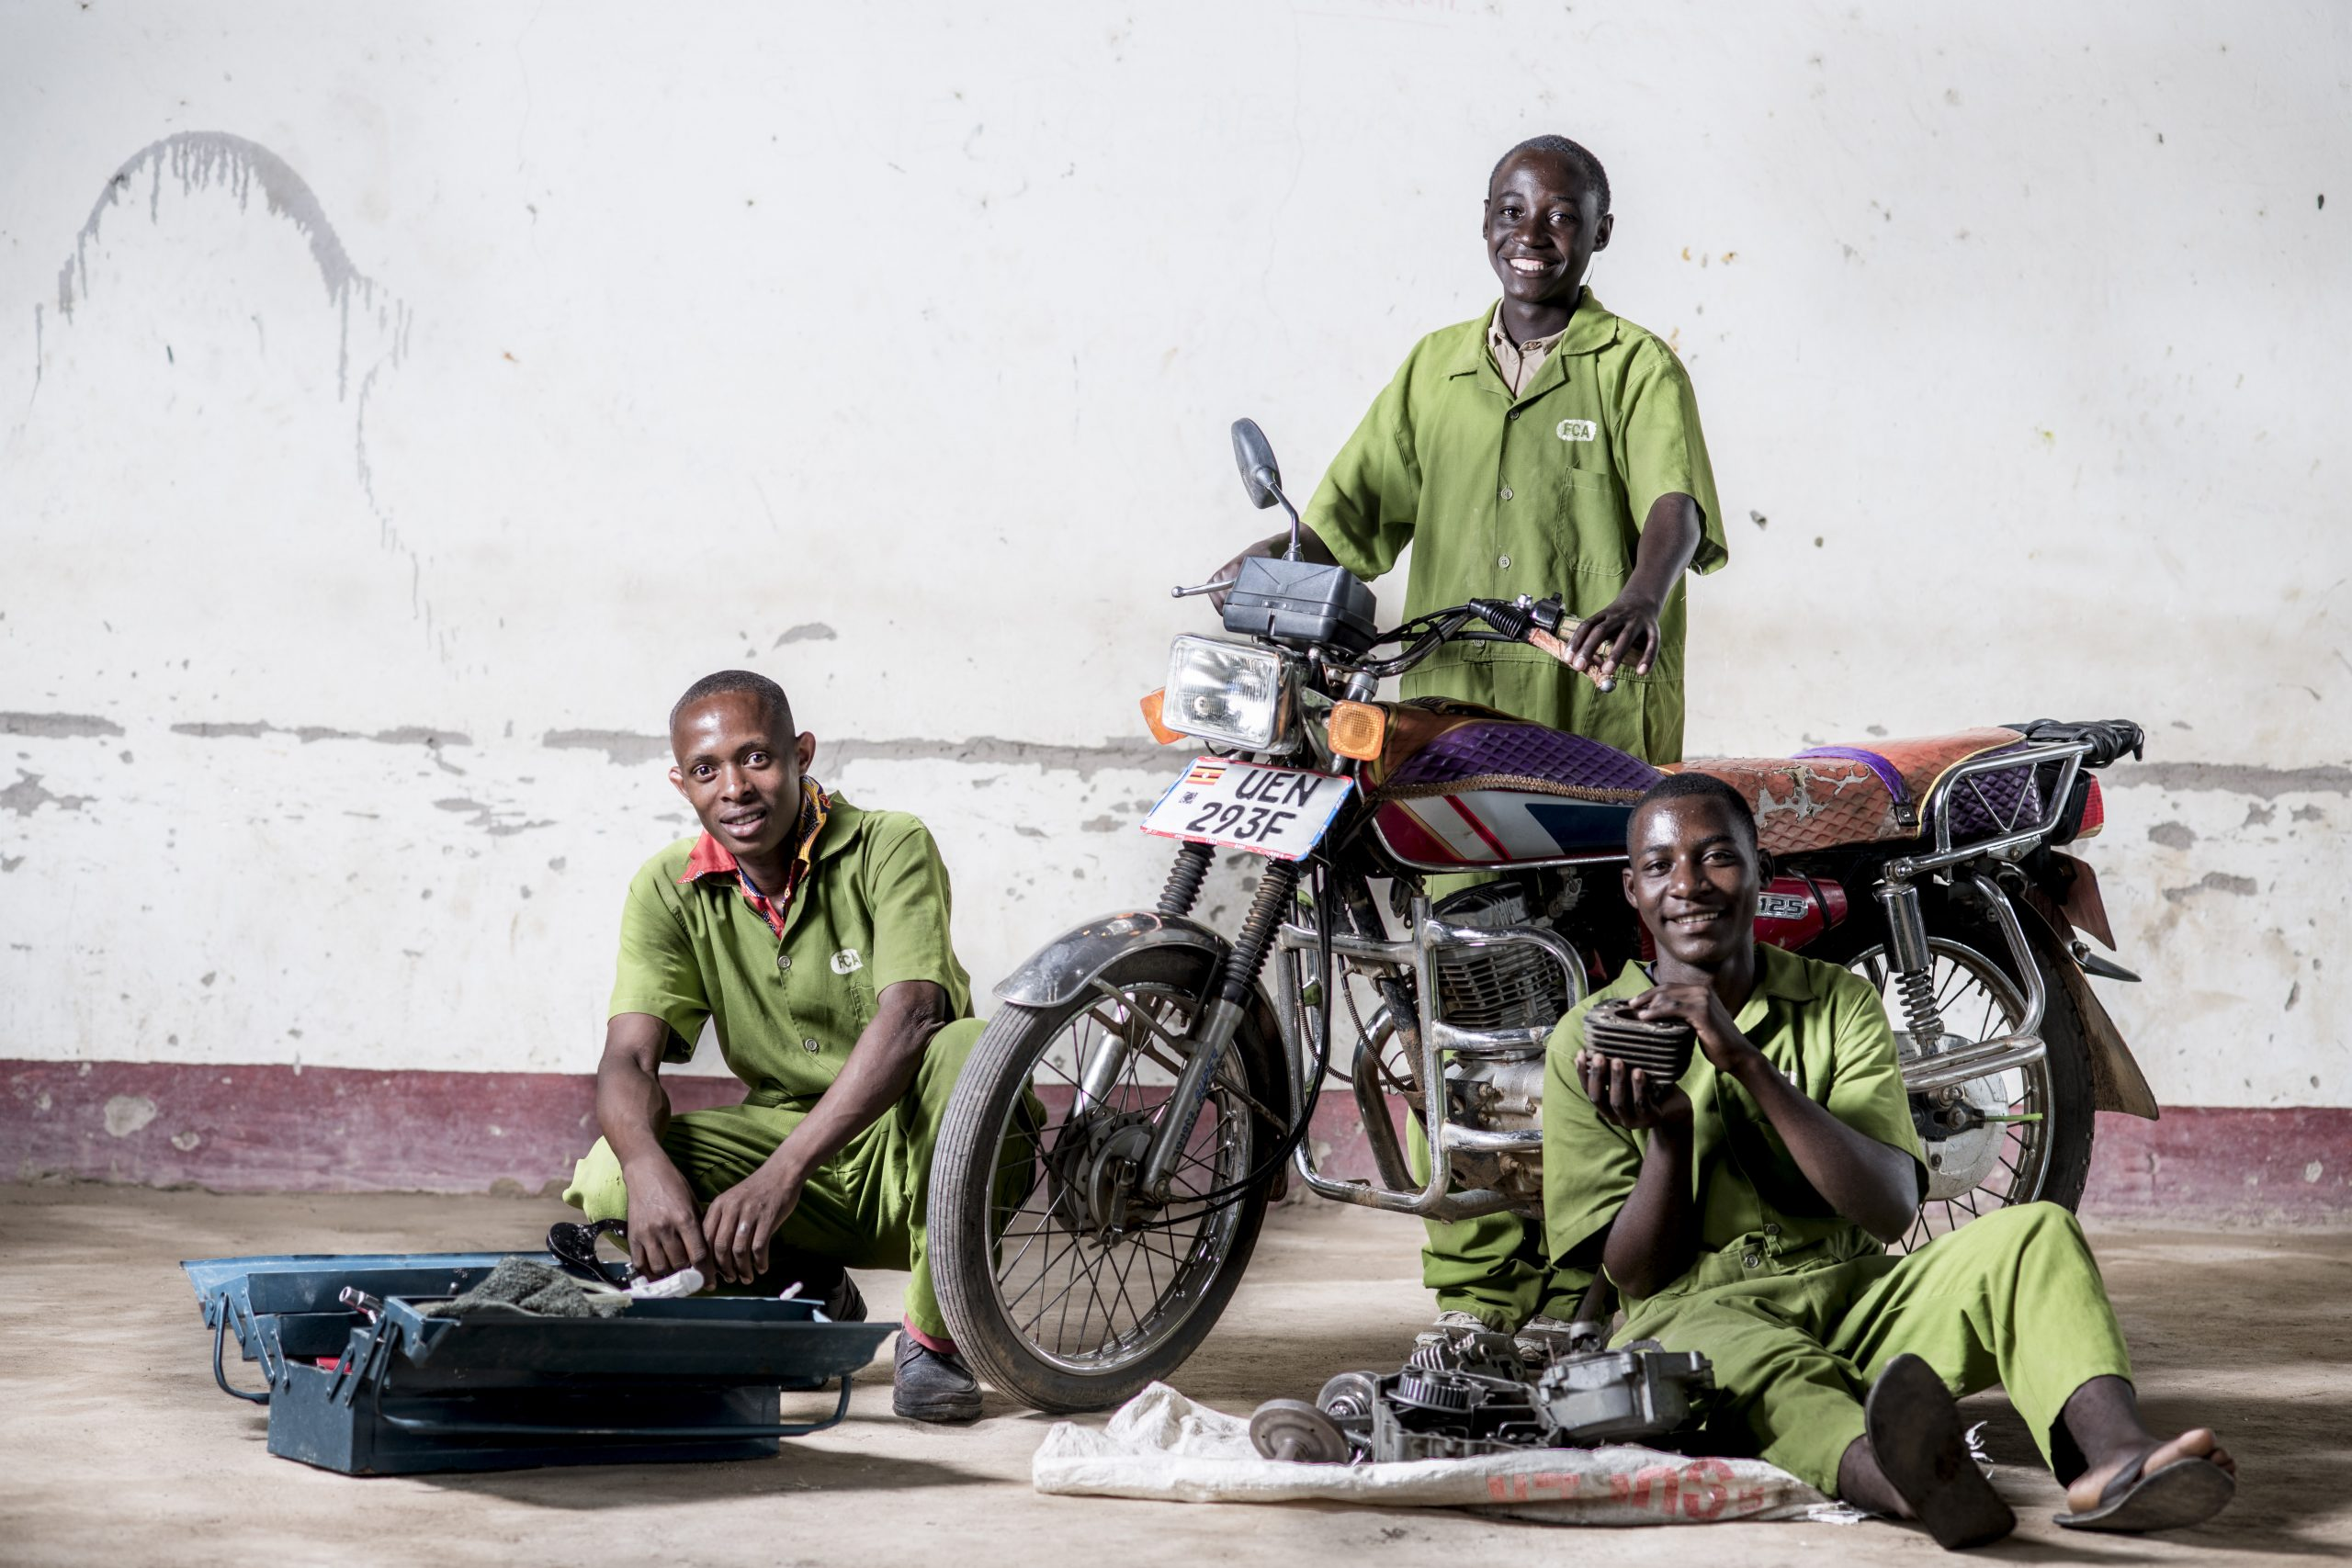 Mekaanikot moottoripyörän edessä